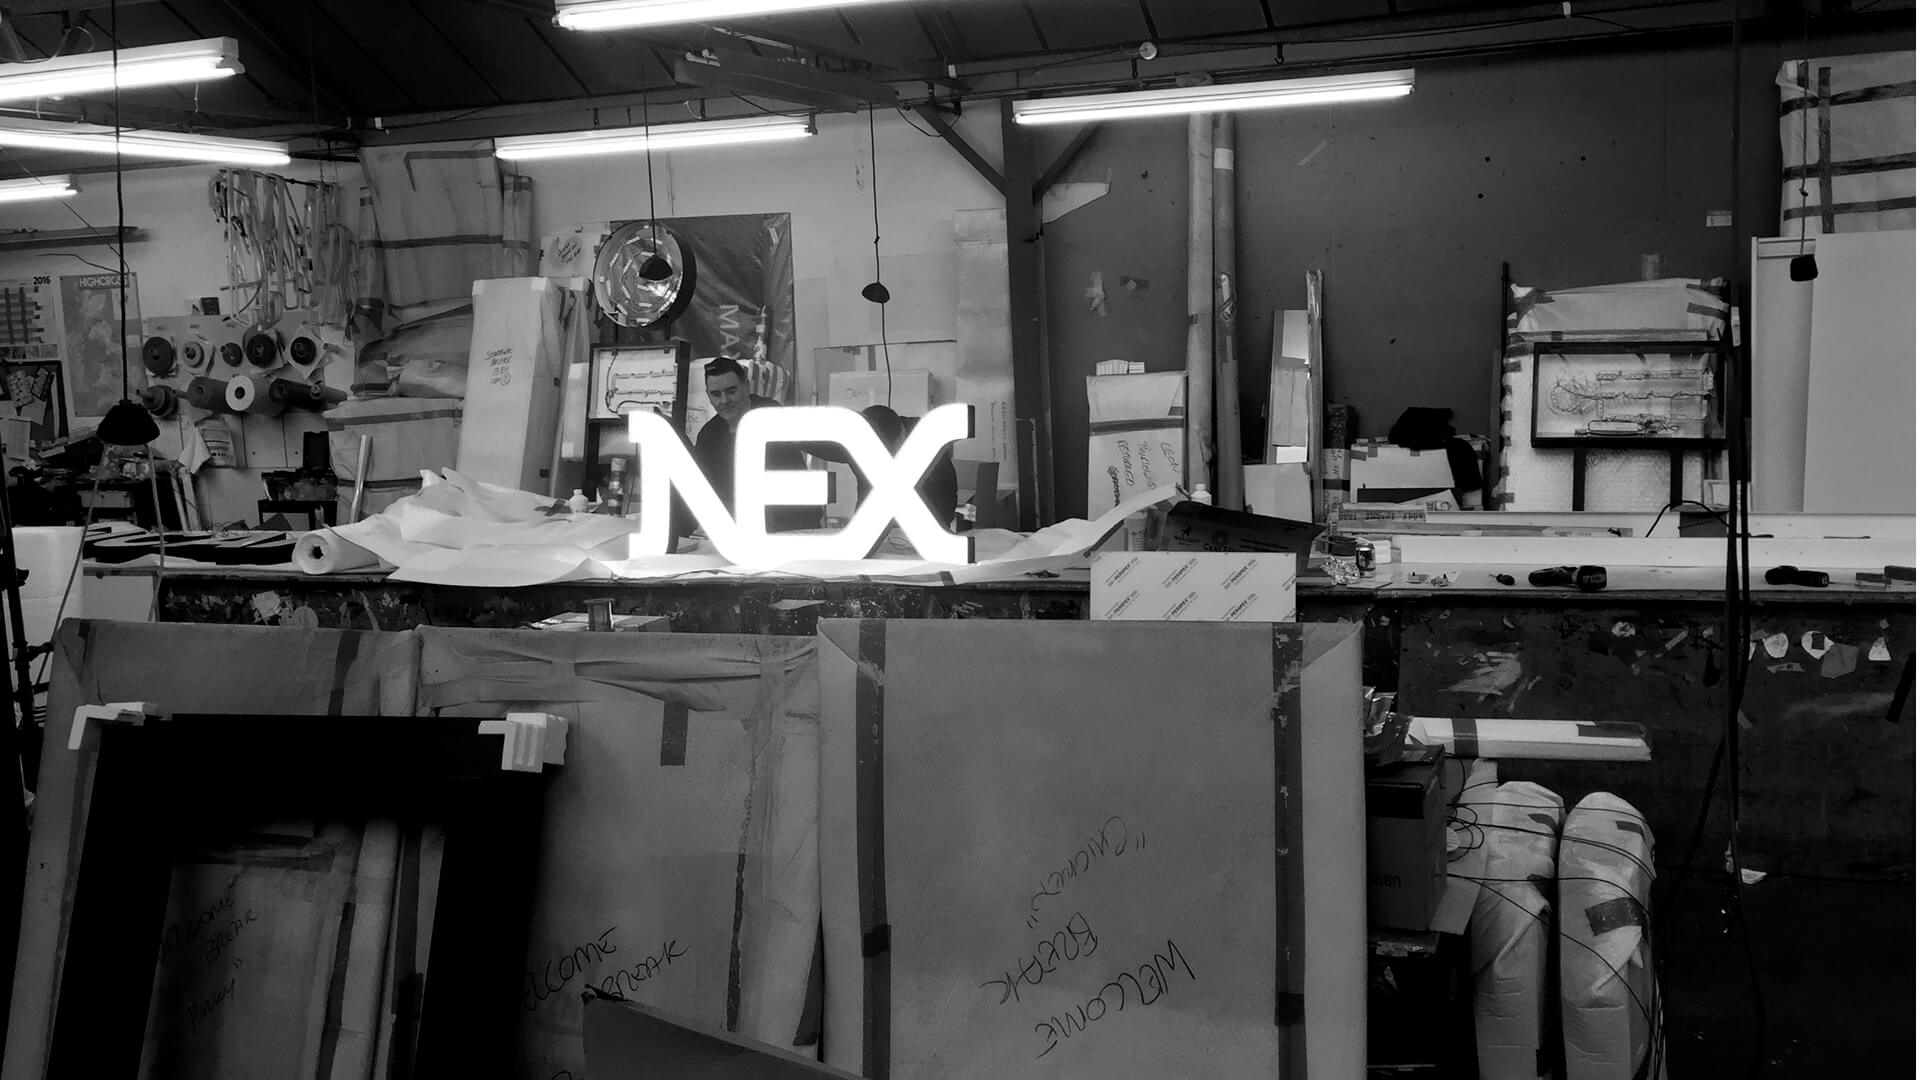 nex logo 3d design and production management